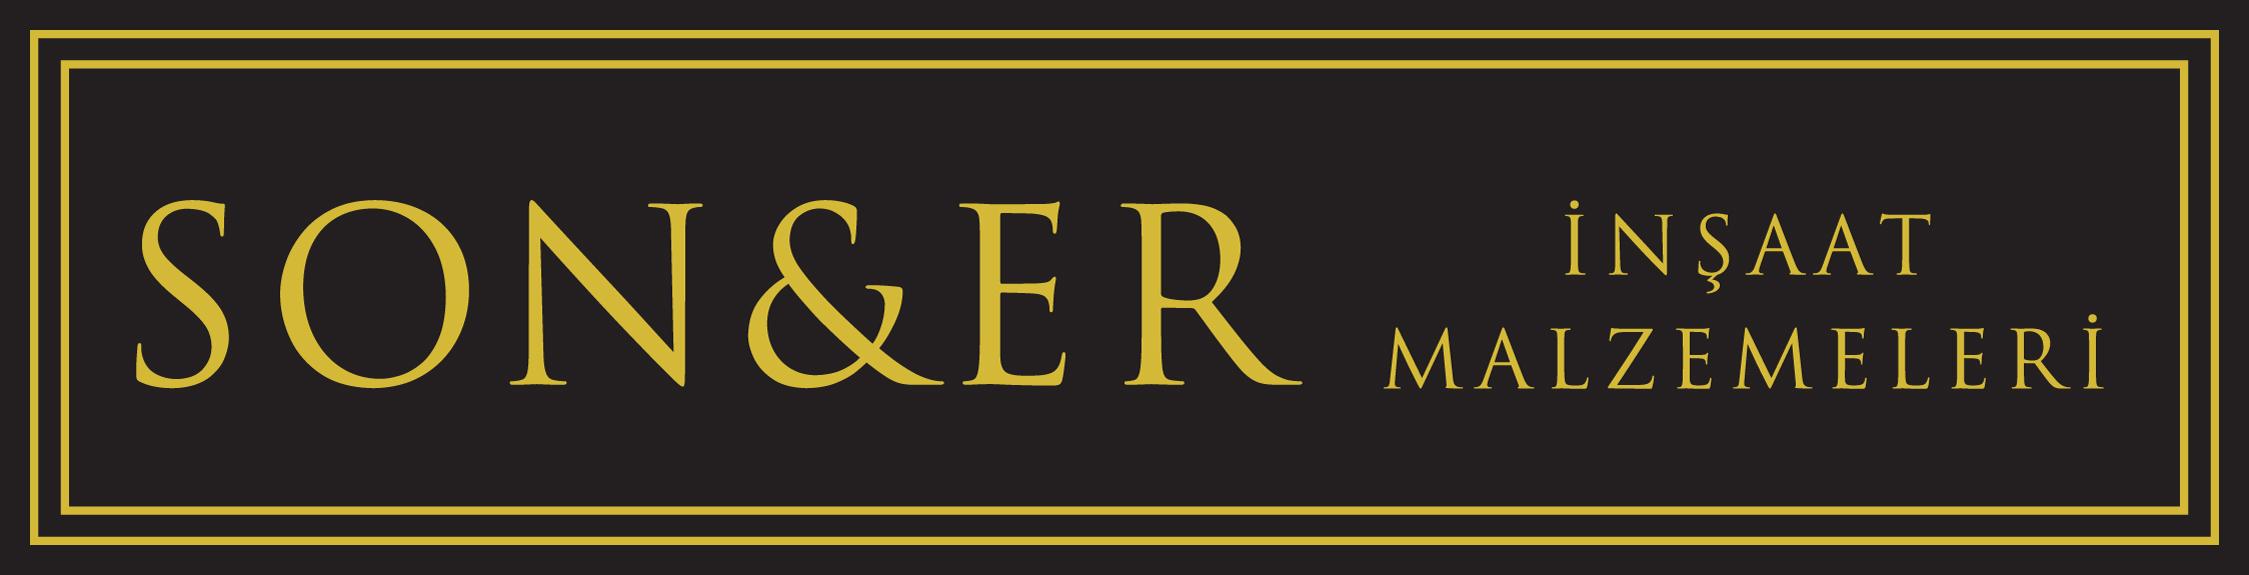 Soner İnşaat logo png jpg